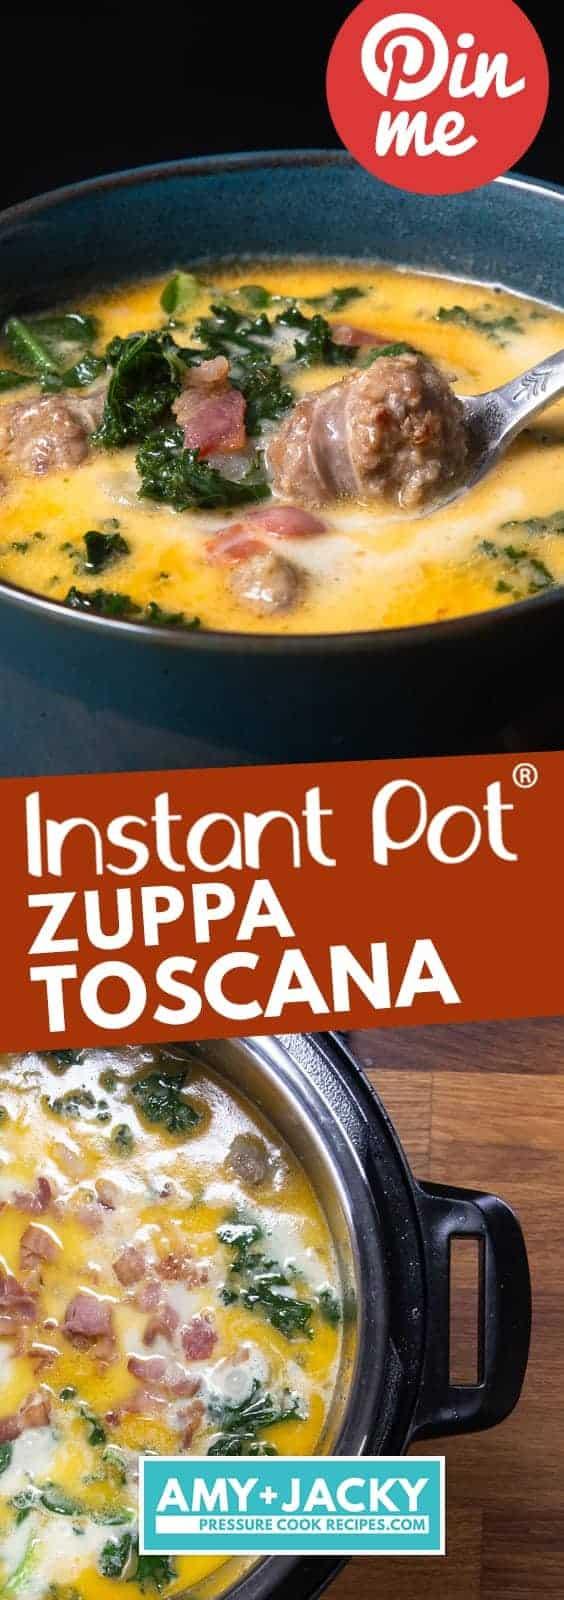 Instant Pot Zuppa Toscana Recipe | Pressure Cooker Zuppa Toscana Soup | Instant Pot Sausage Kale Potato Soup | Instapot Zuppa Toscana | Instant Pot Kale | Instant Pot Soup | Pressure Cooker Soup | Instant Pot Recipes #instantpot #pressurecooker #soup #easy #recipes